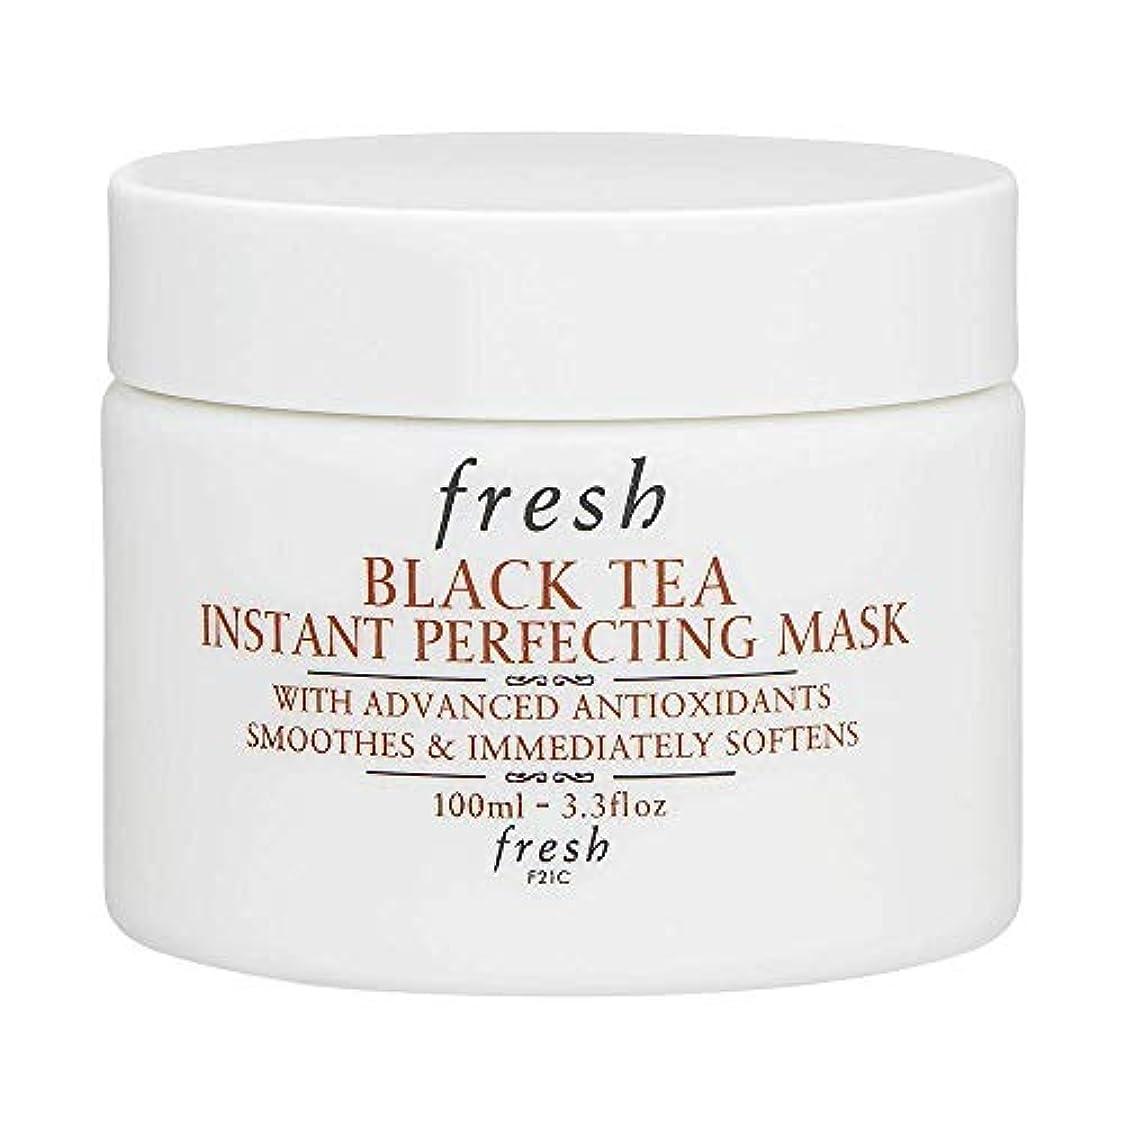 自我キャプテン消化器フレッシュ(Fresh) ブラックティーインスタントパーフェクティングマスク [並行輸入品]